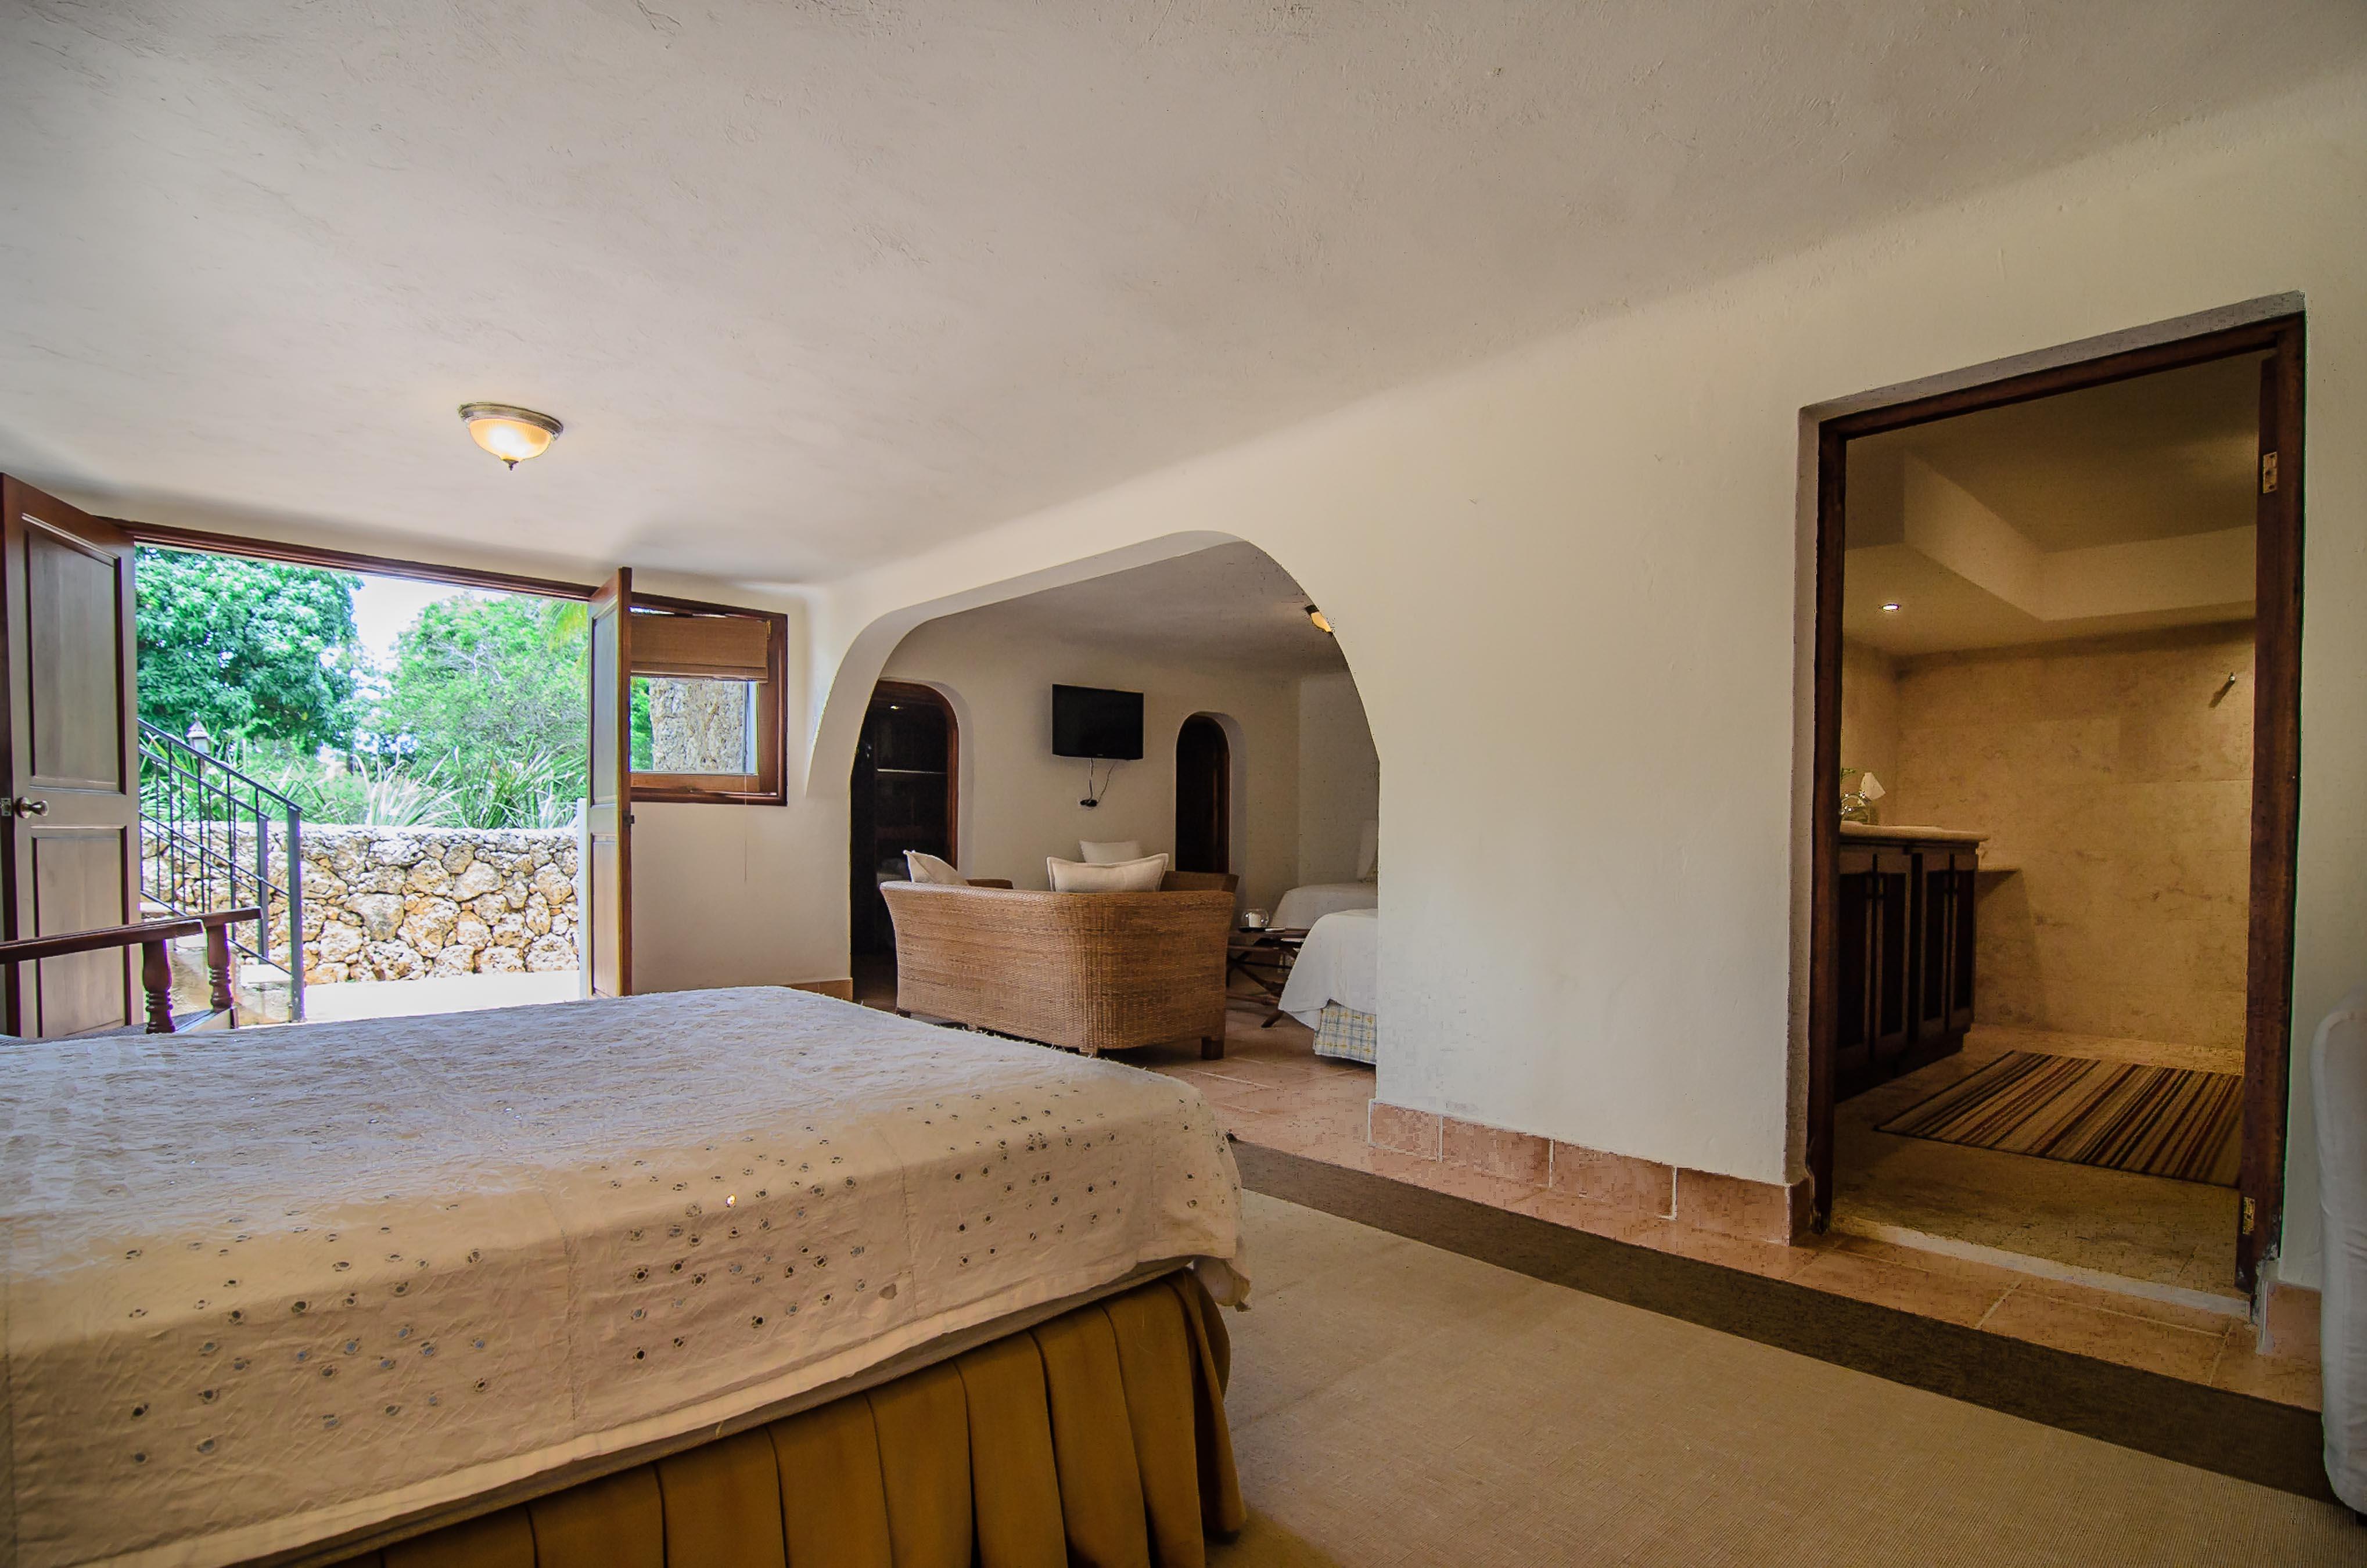 Casa de campo los tamarindos villa garden real for Casa de campo villas